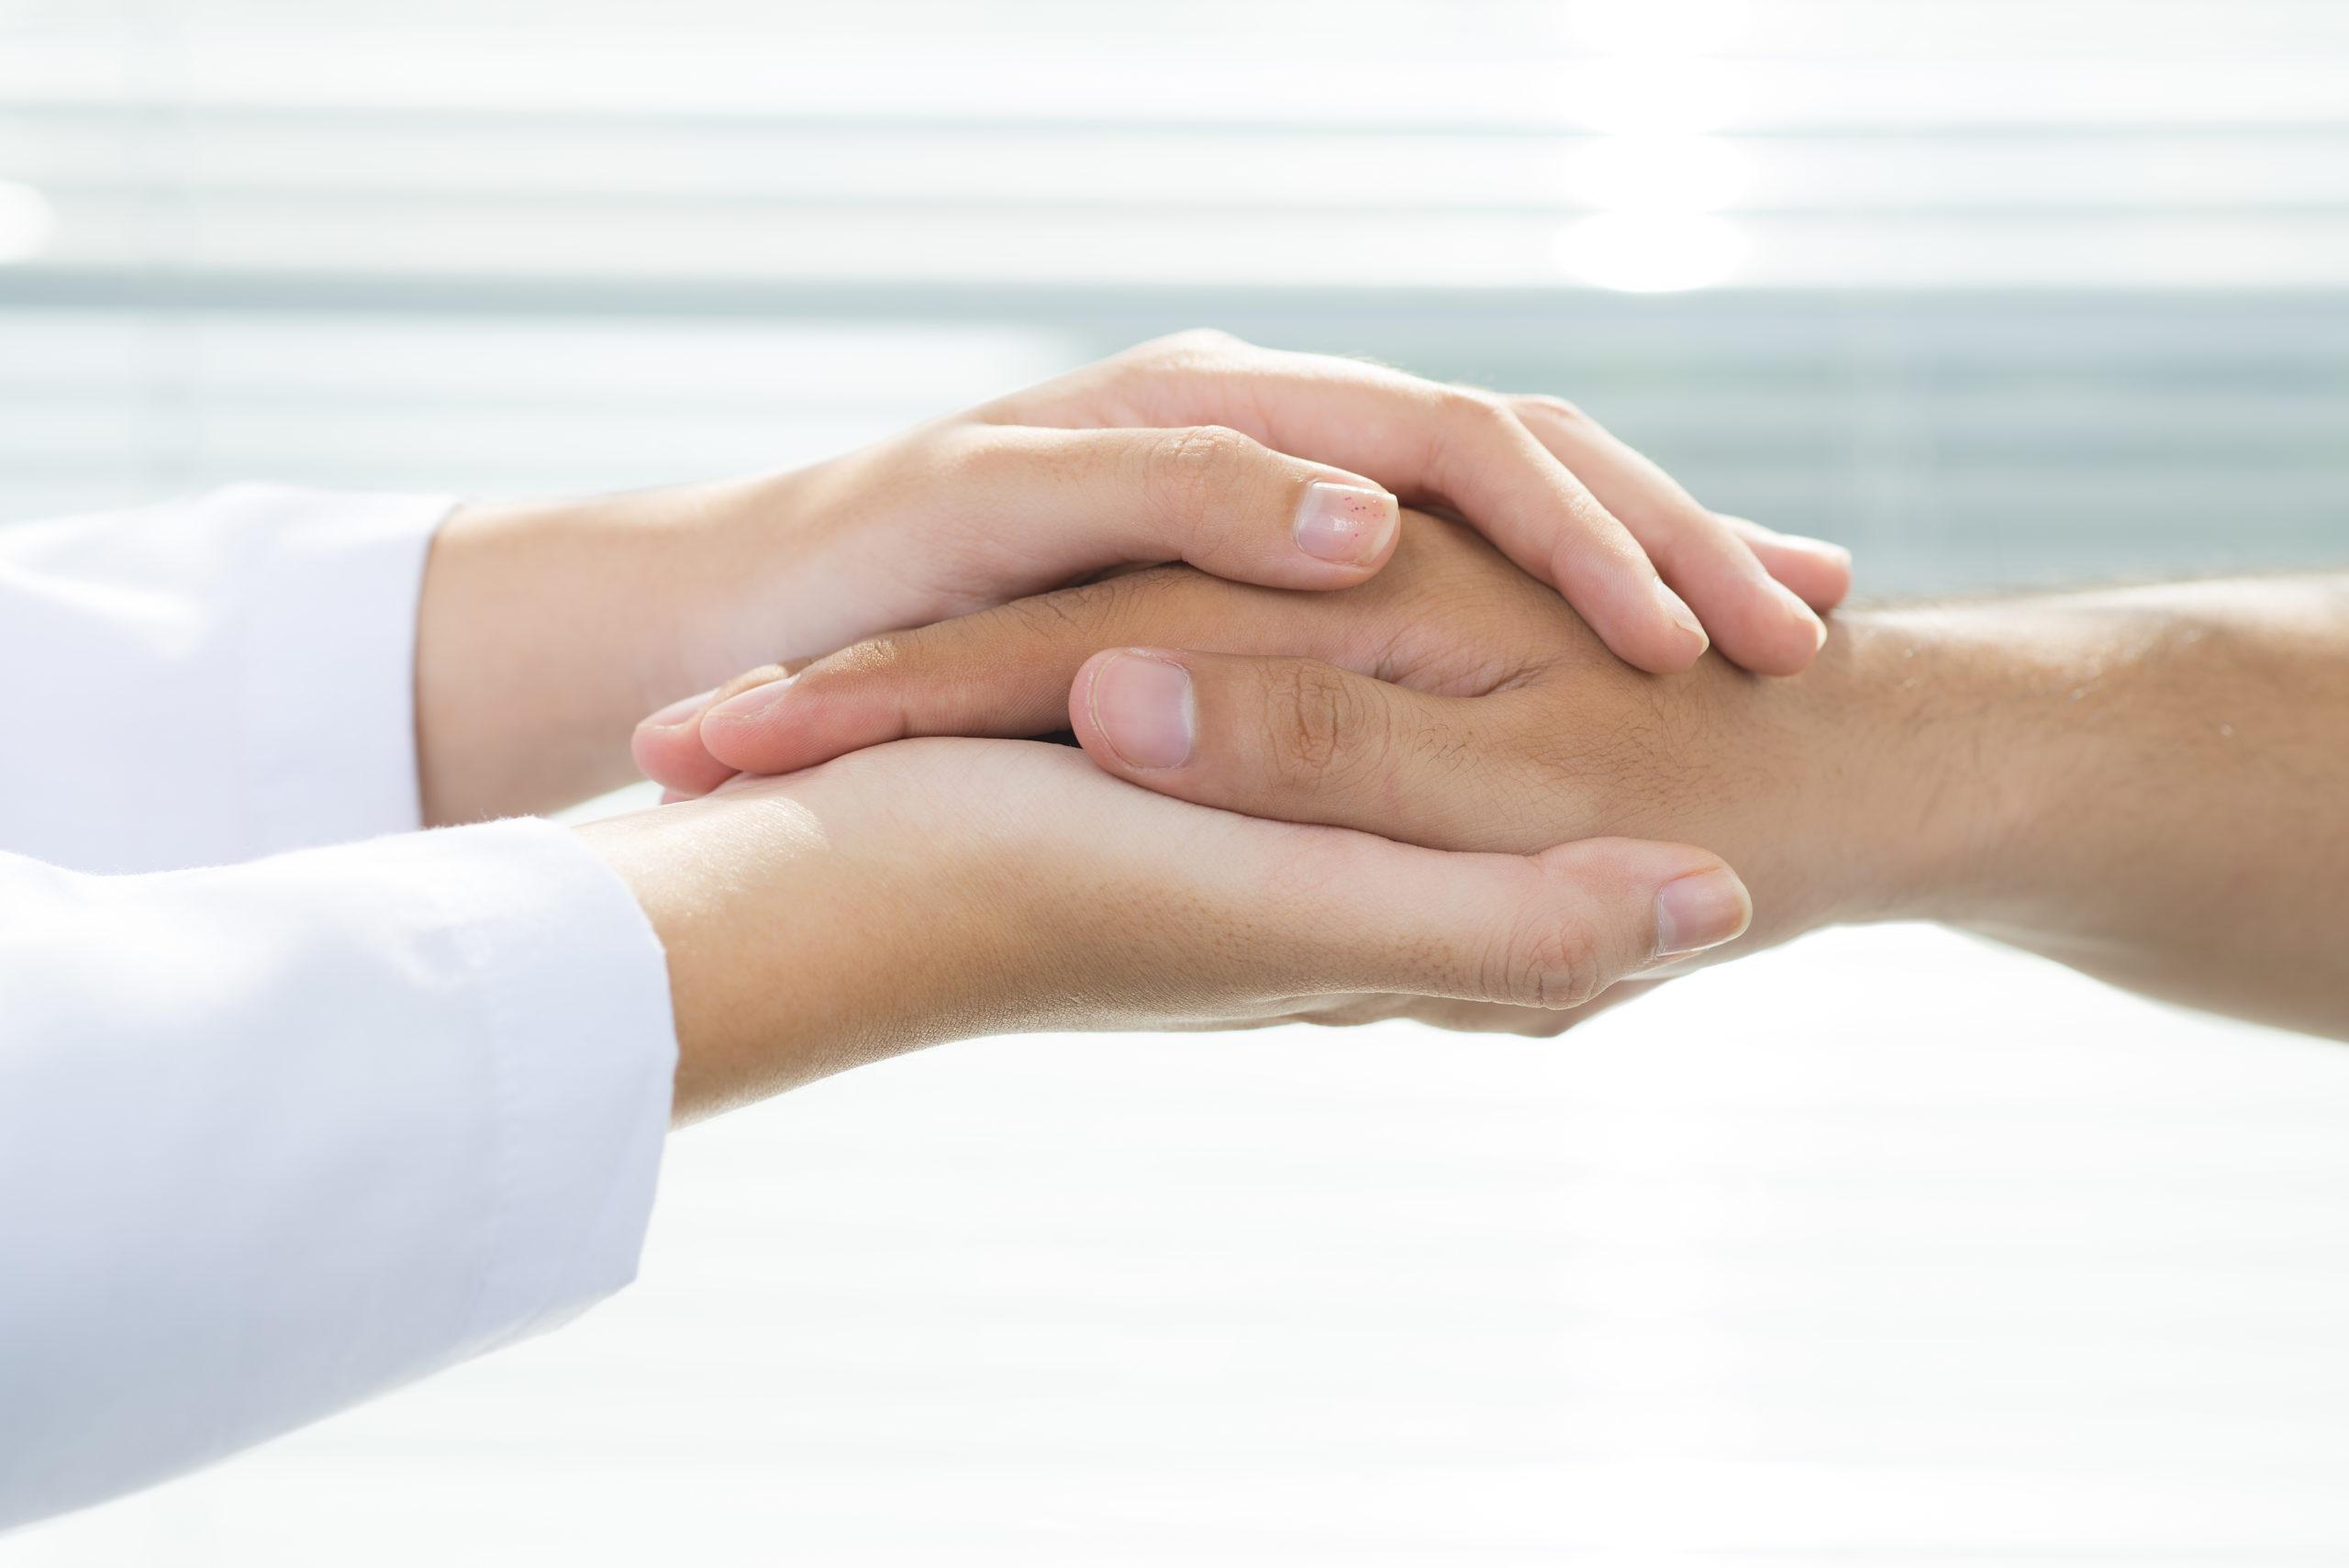 Opinión: ¿Por qué agradecer te hace más feliz?